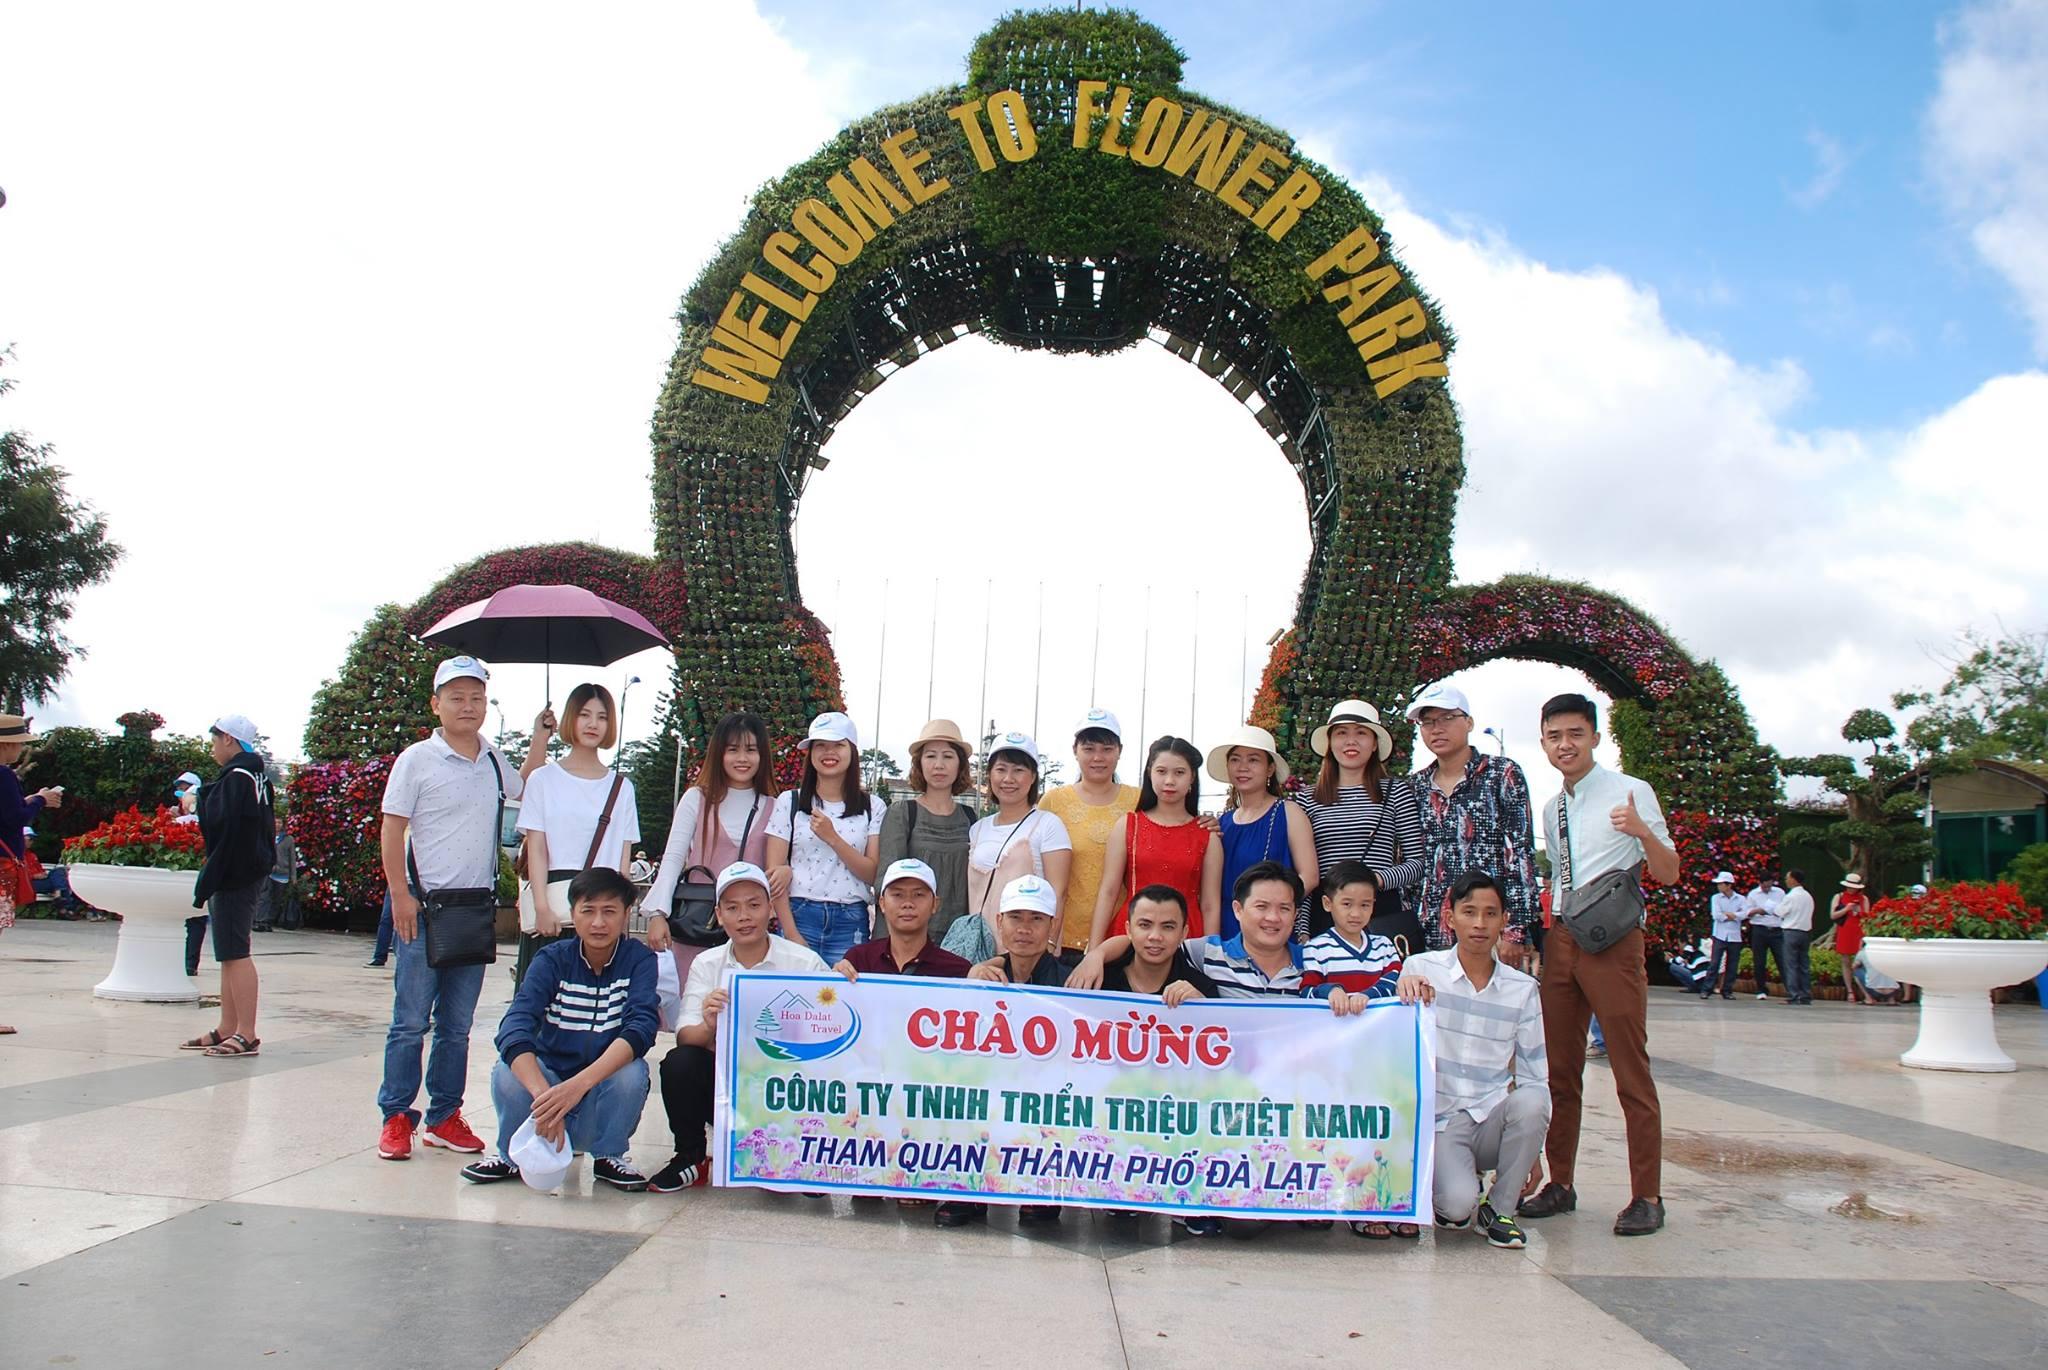 Công ty du lịch Đà Lạt uy tin, chất lượng - Hoa Dalat Travel